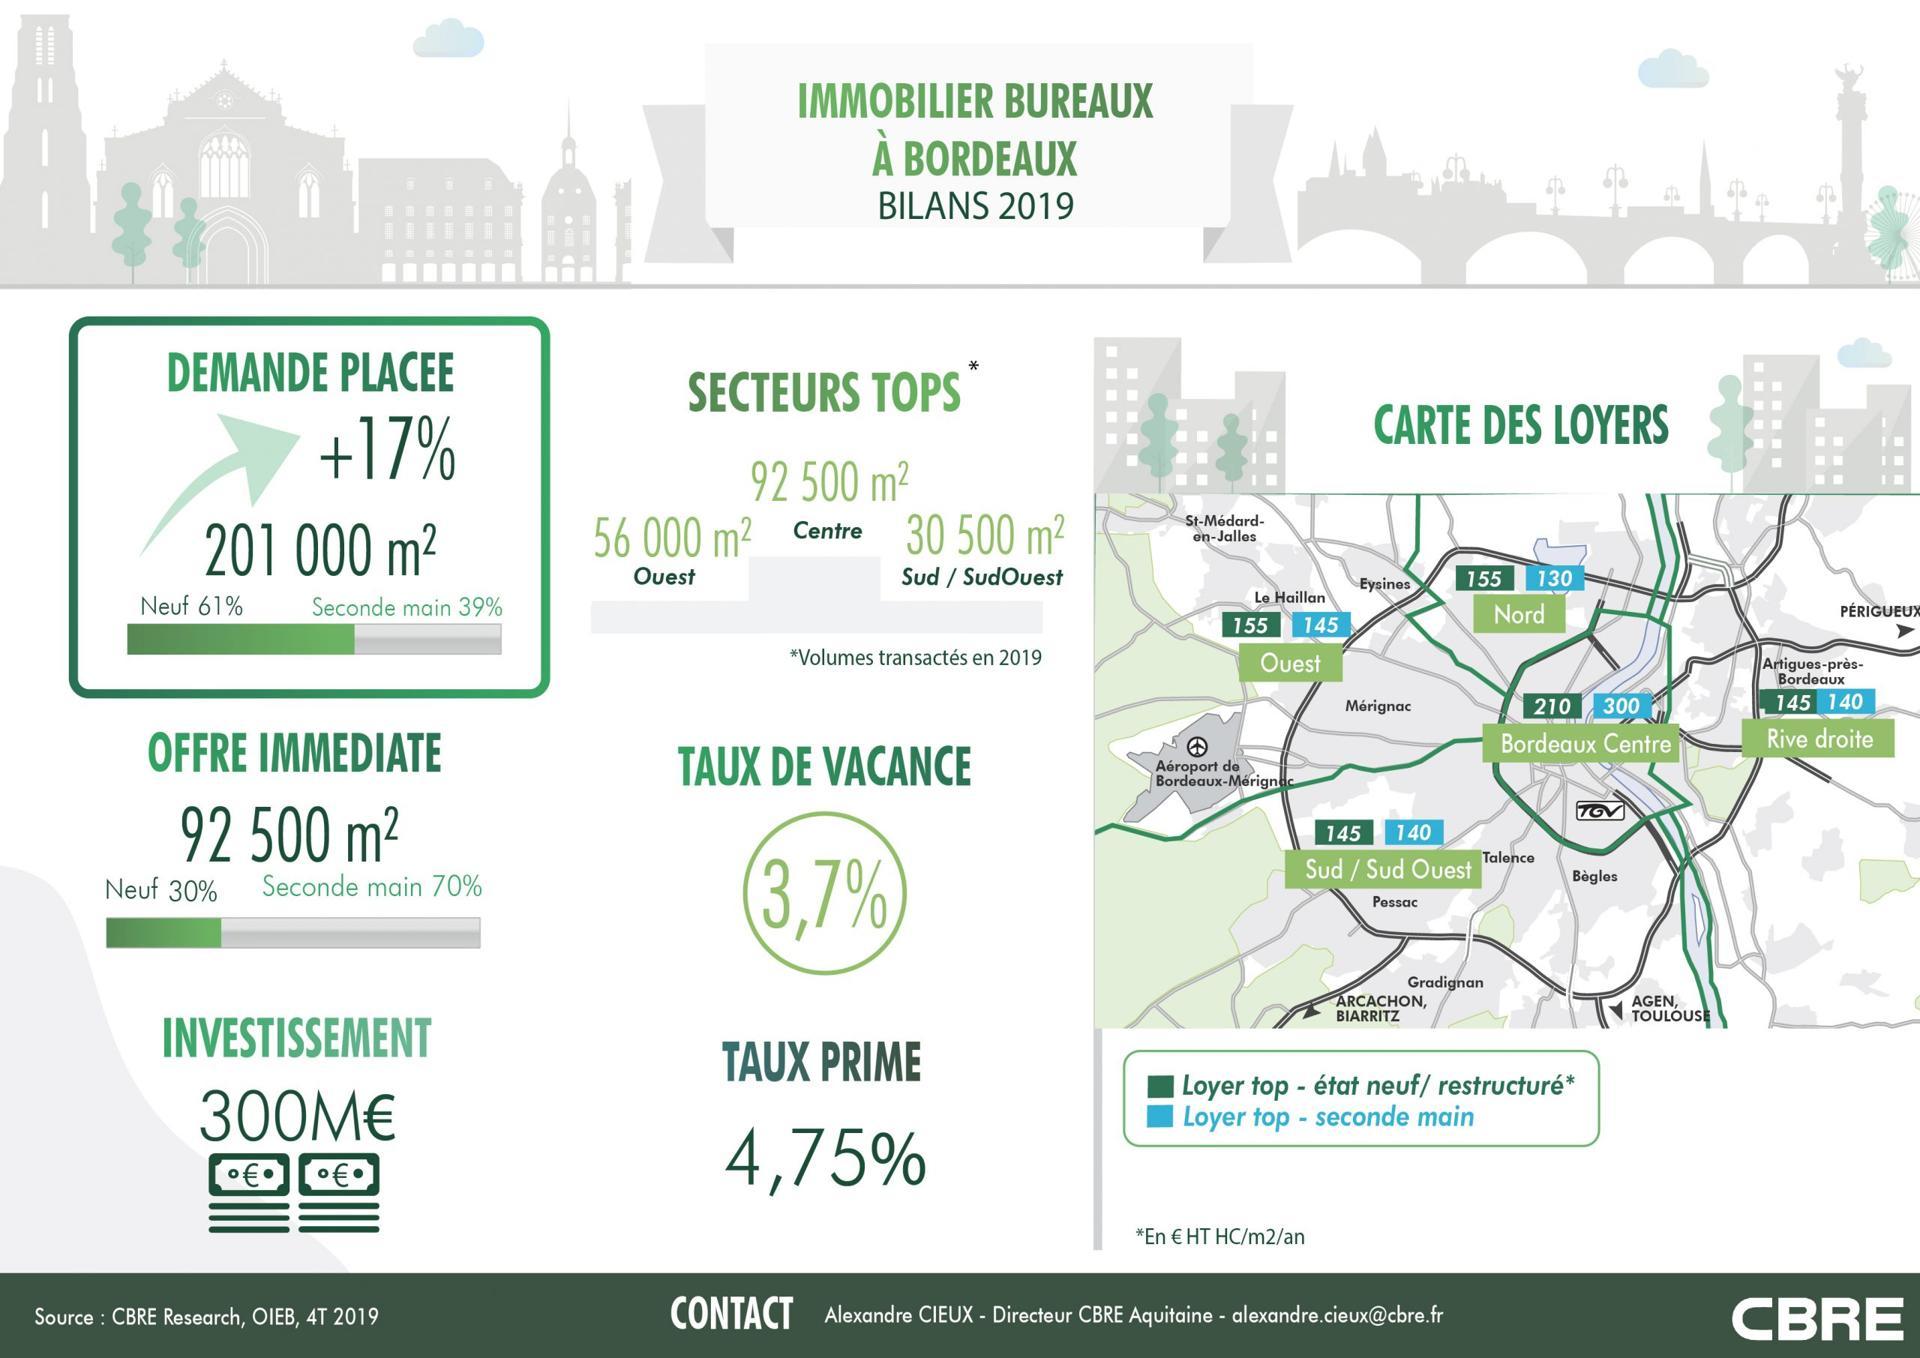 Bordeaux : le marché de l'immobilier bureaux en infographie